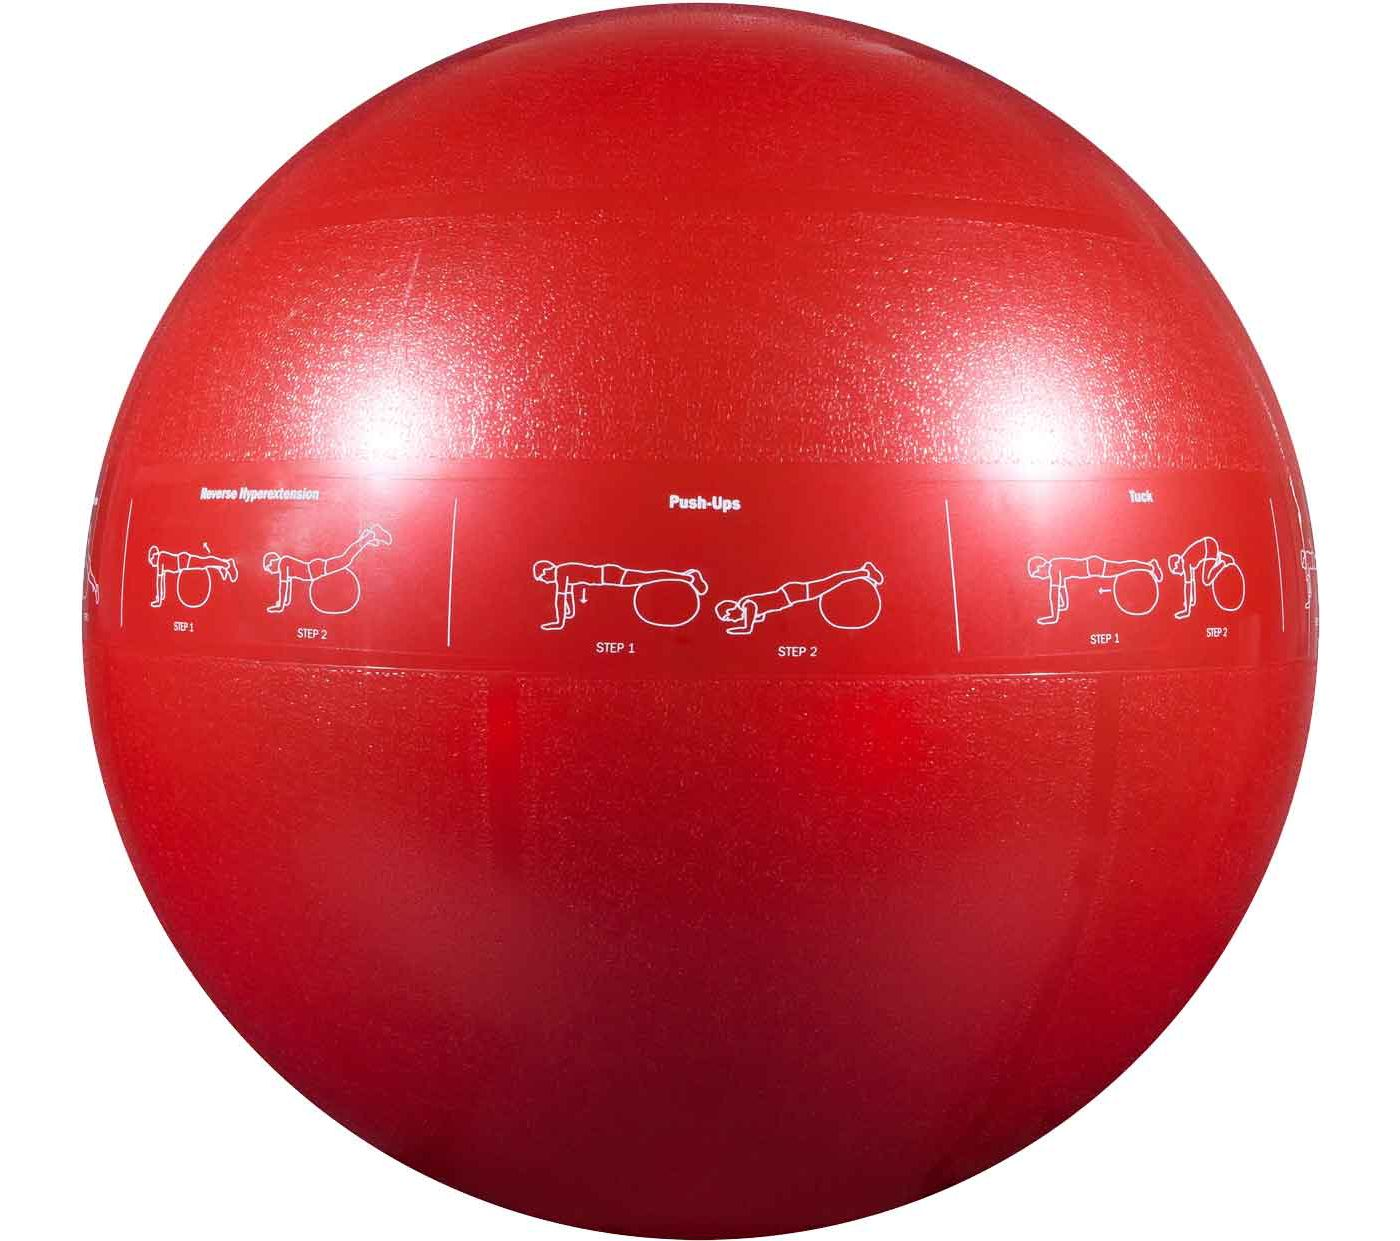 GoFit Pro 55 cm Exercise Ball